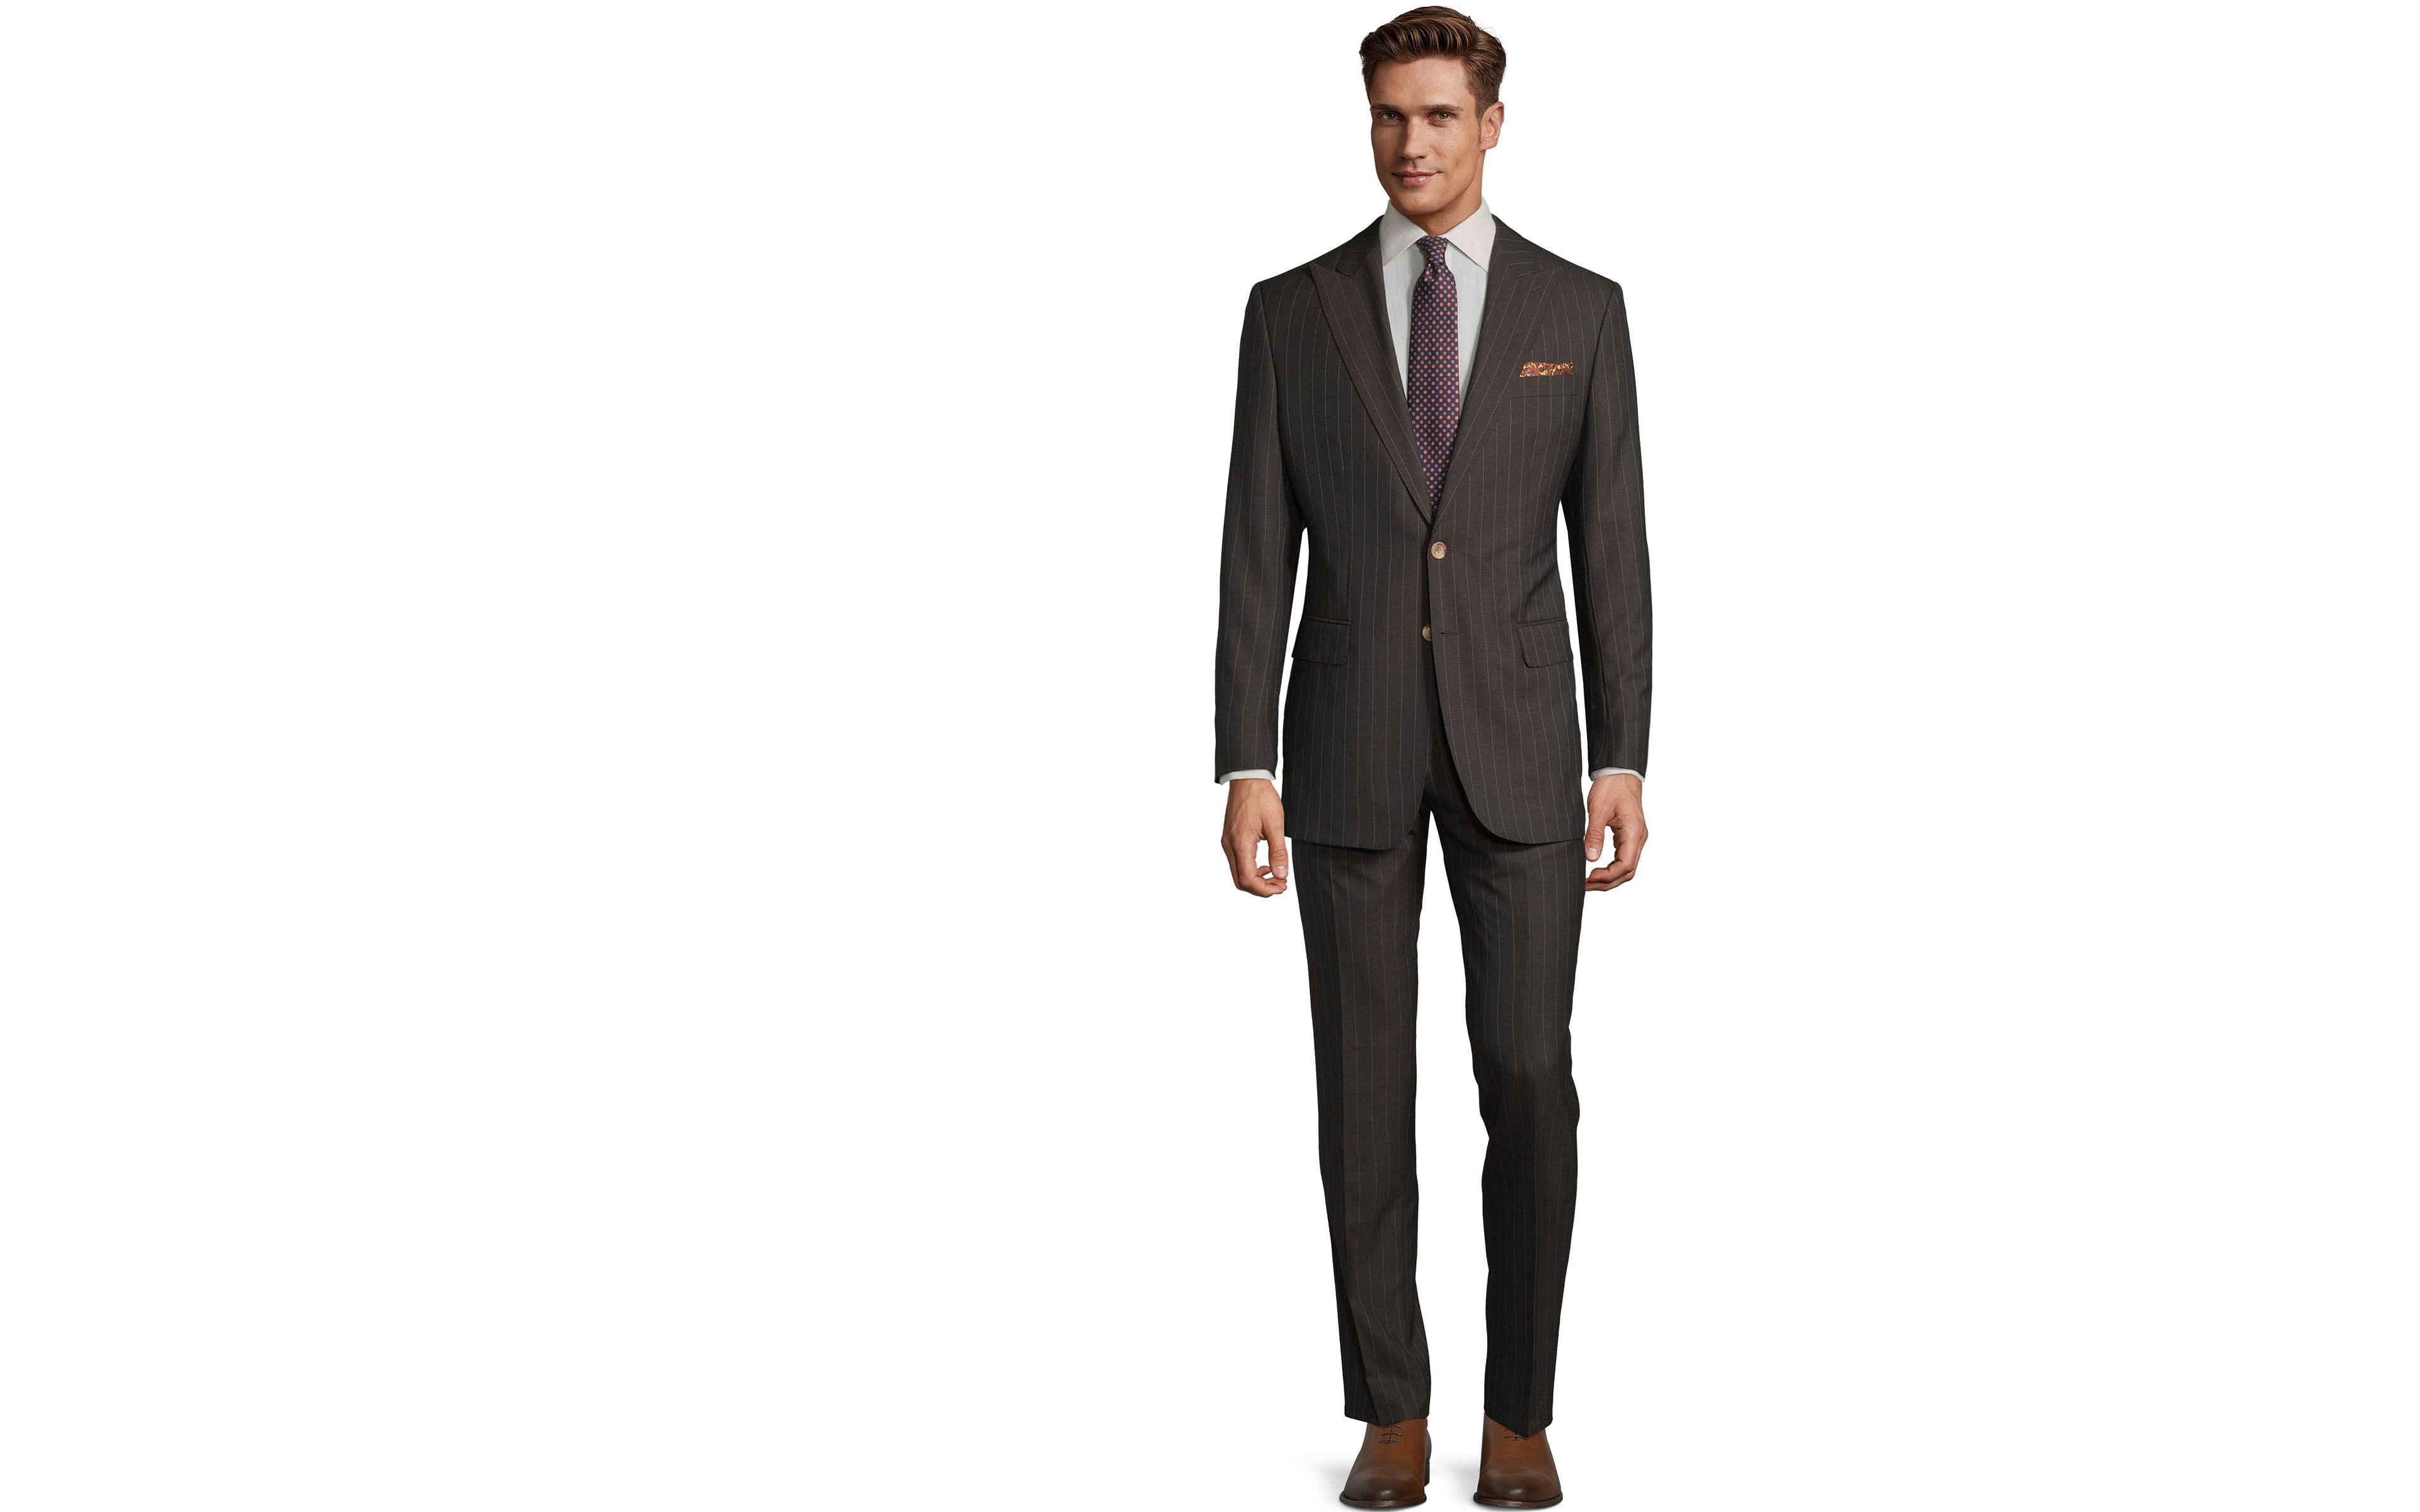 Vendetta Premium Brown Pinstripe Suit